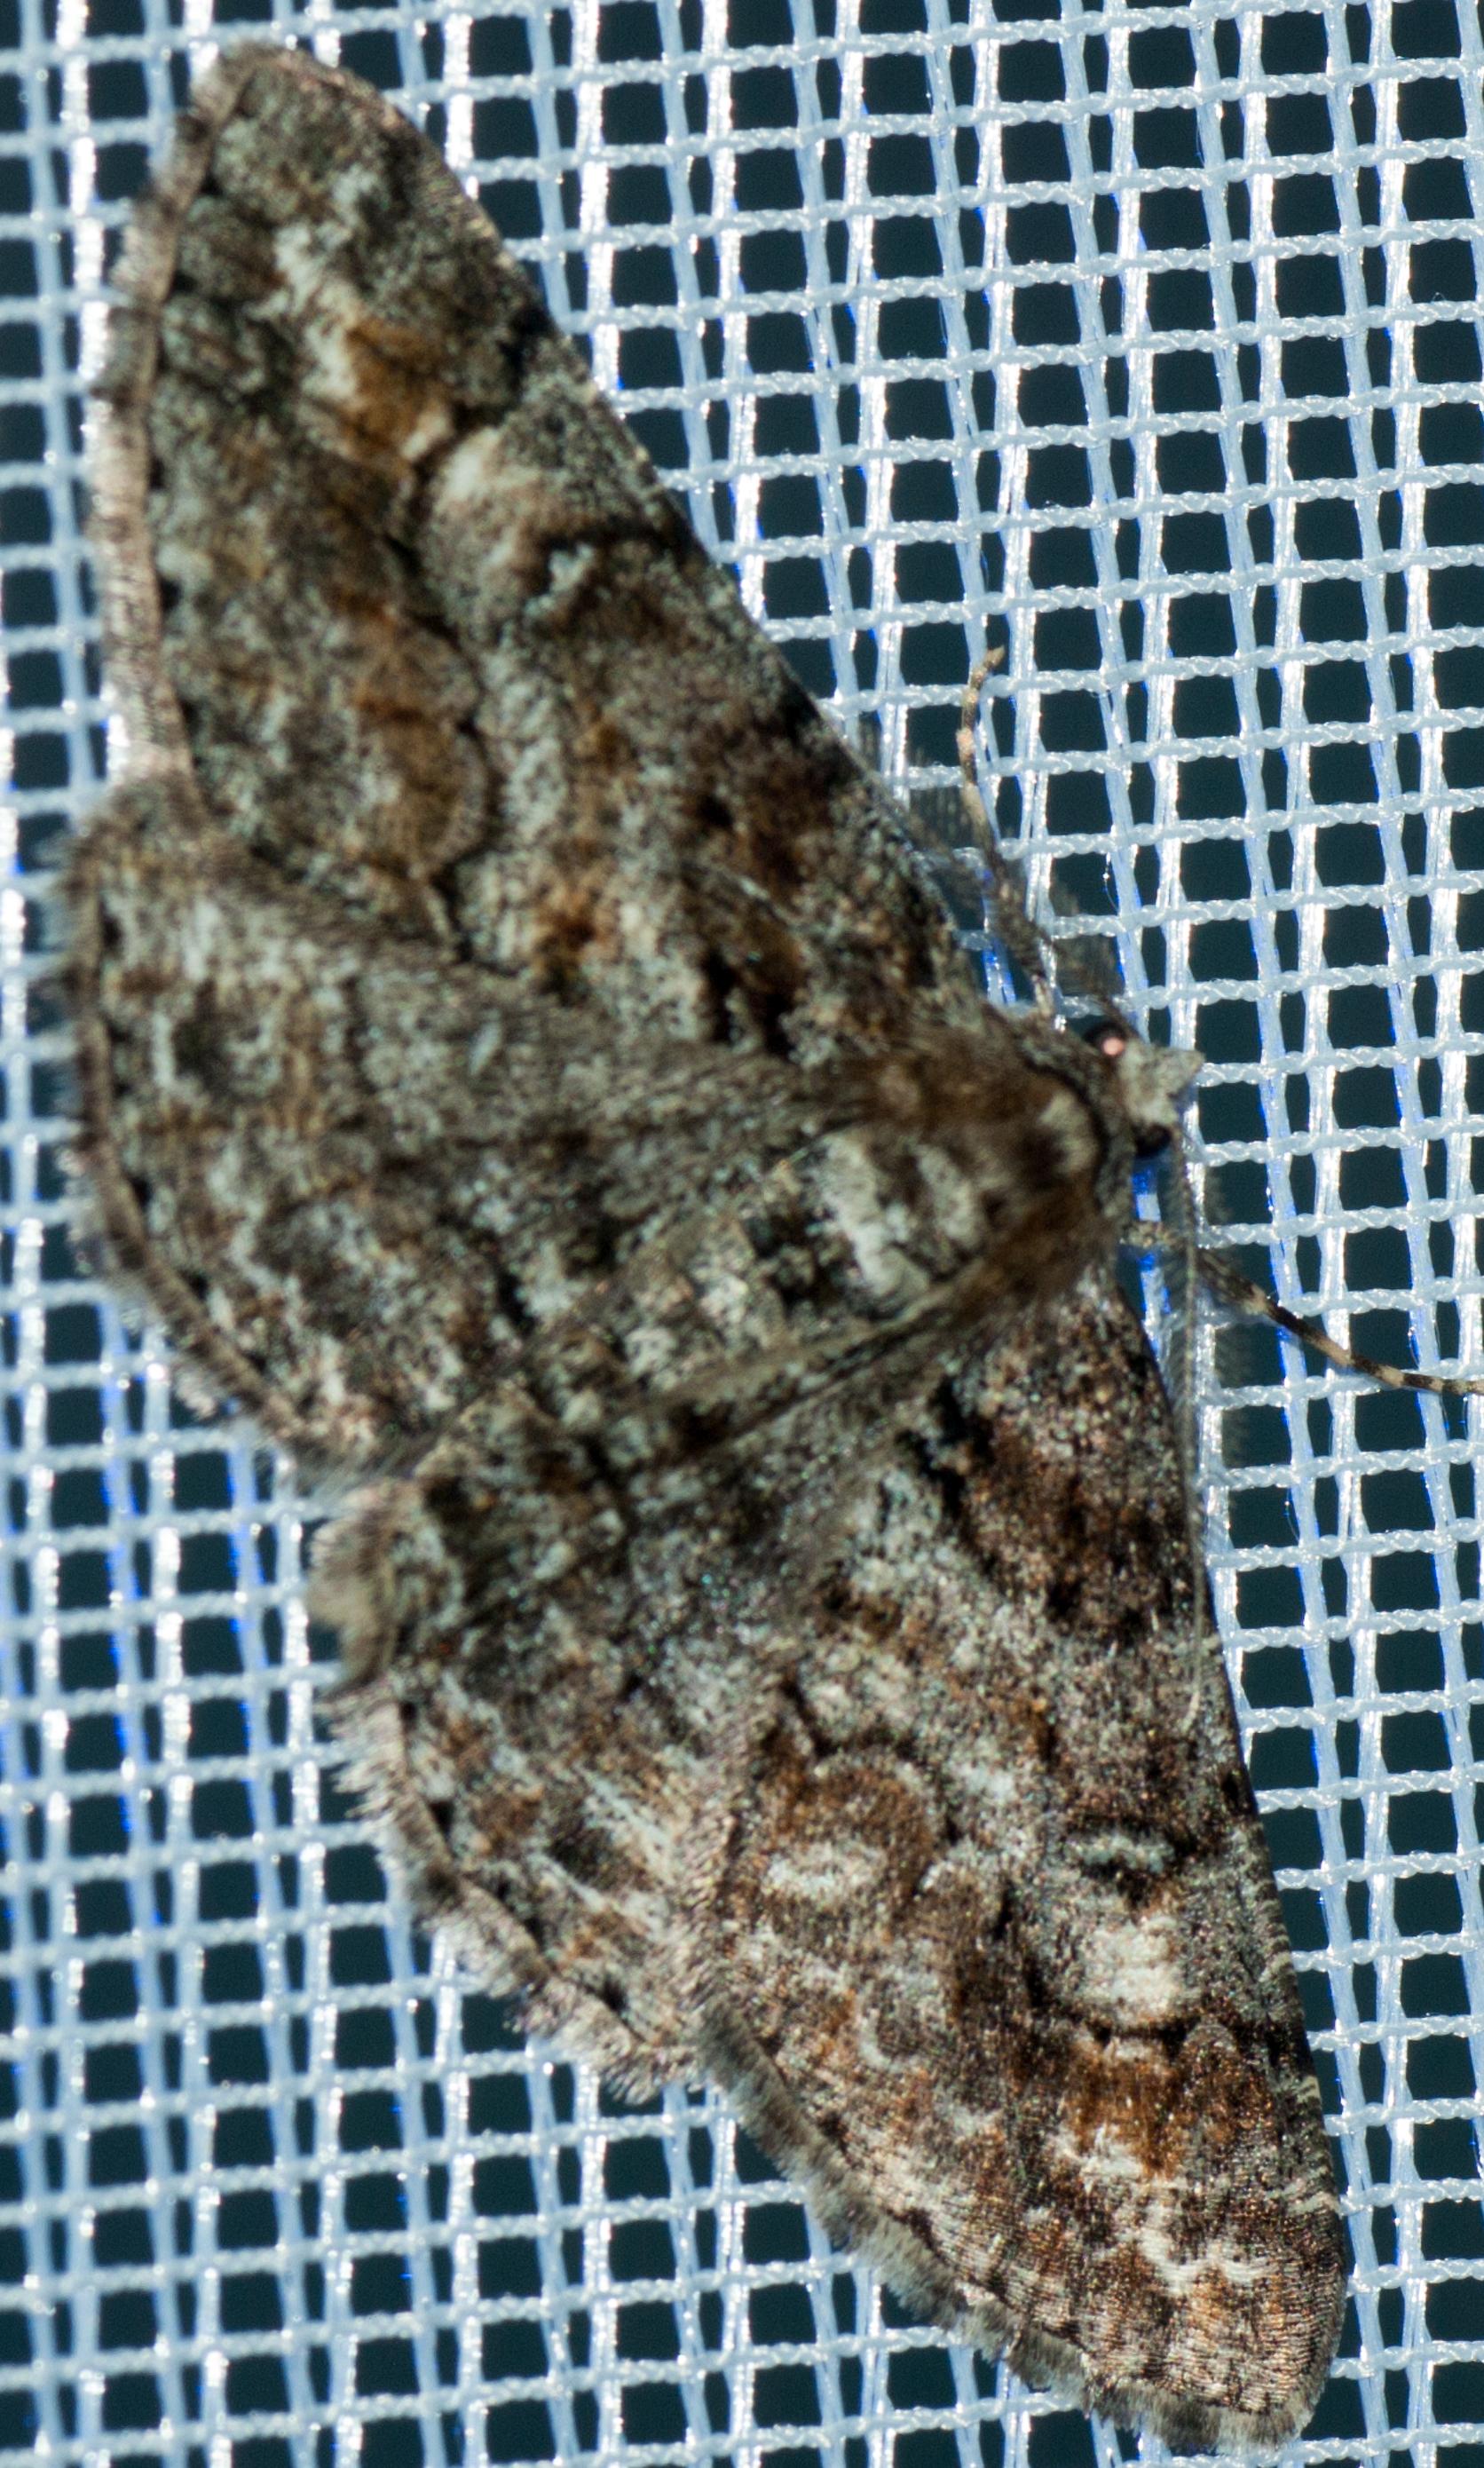 Cleora cintaria